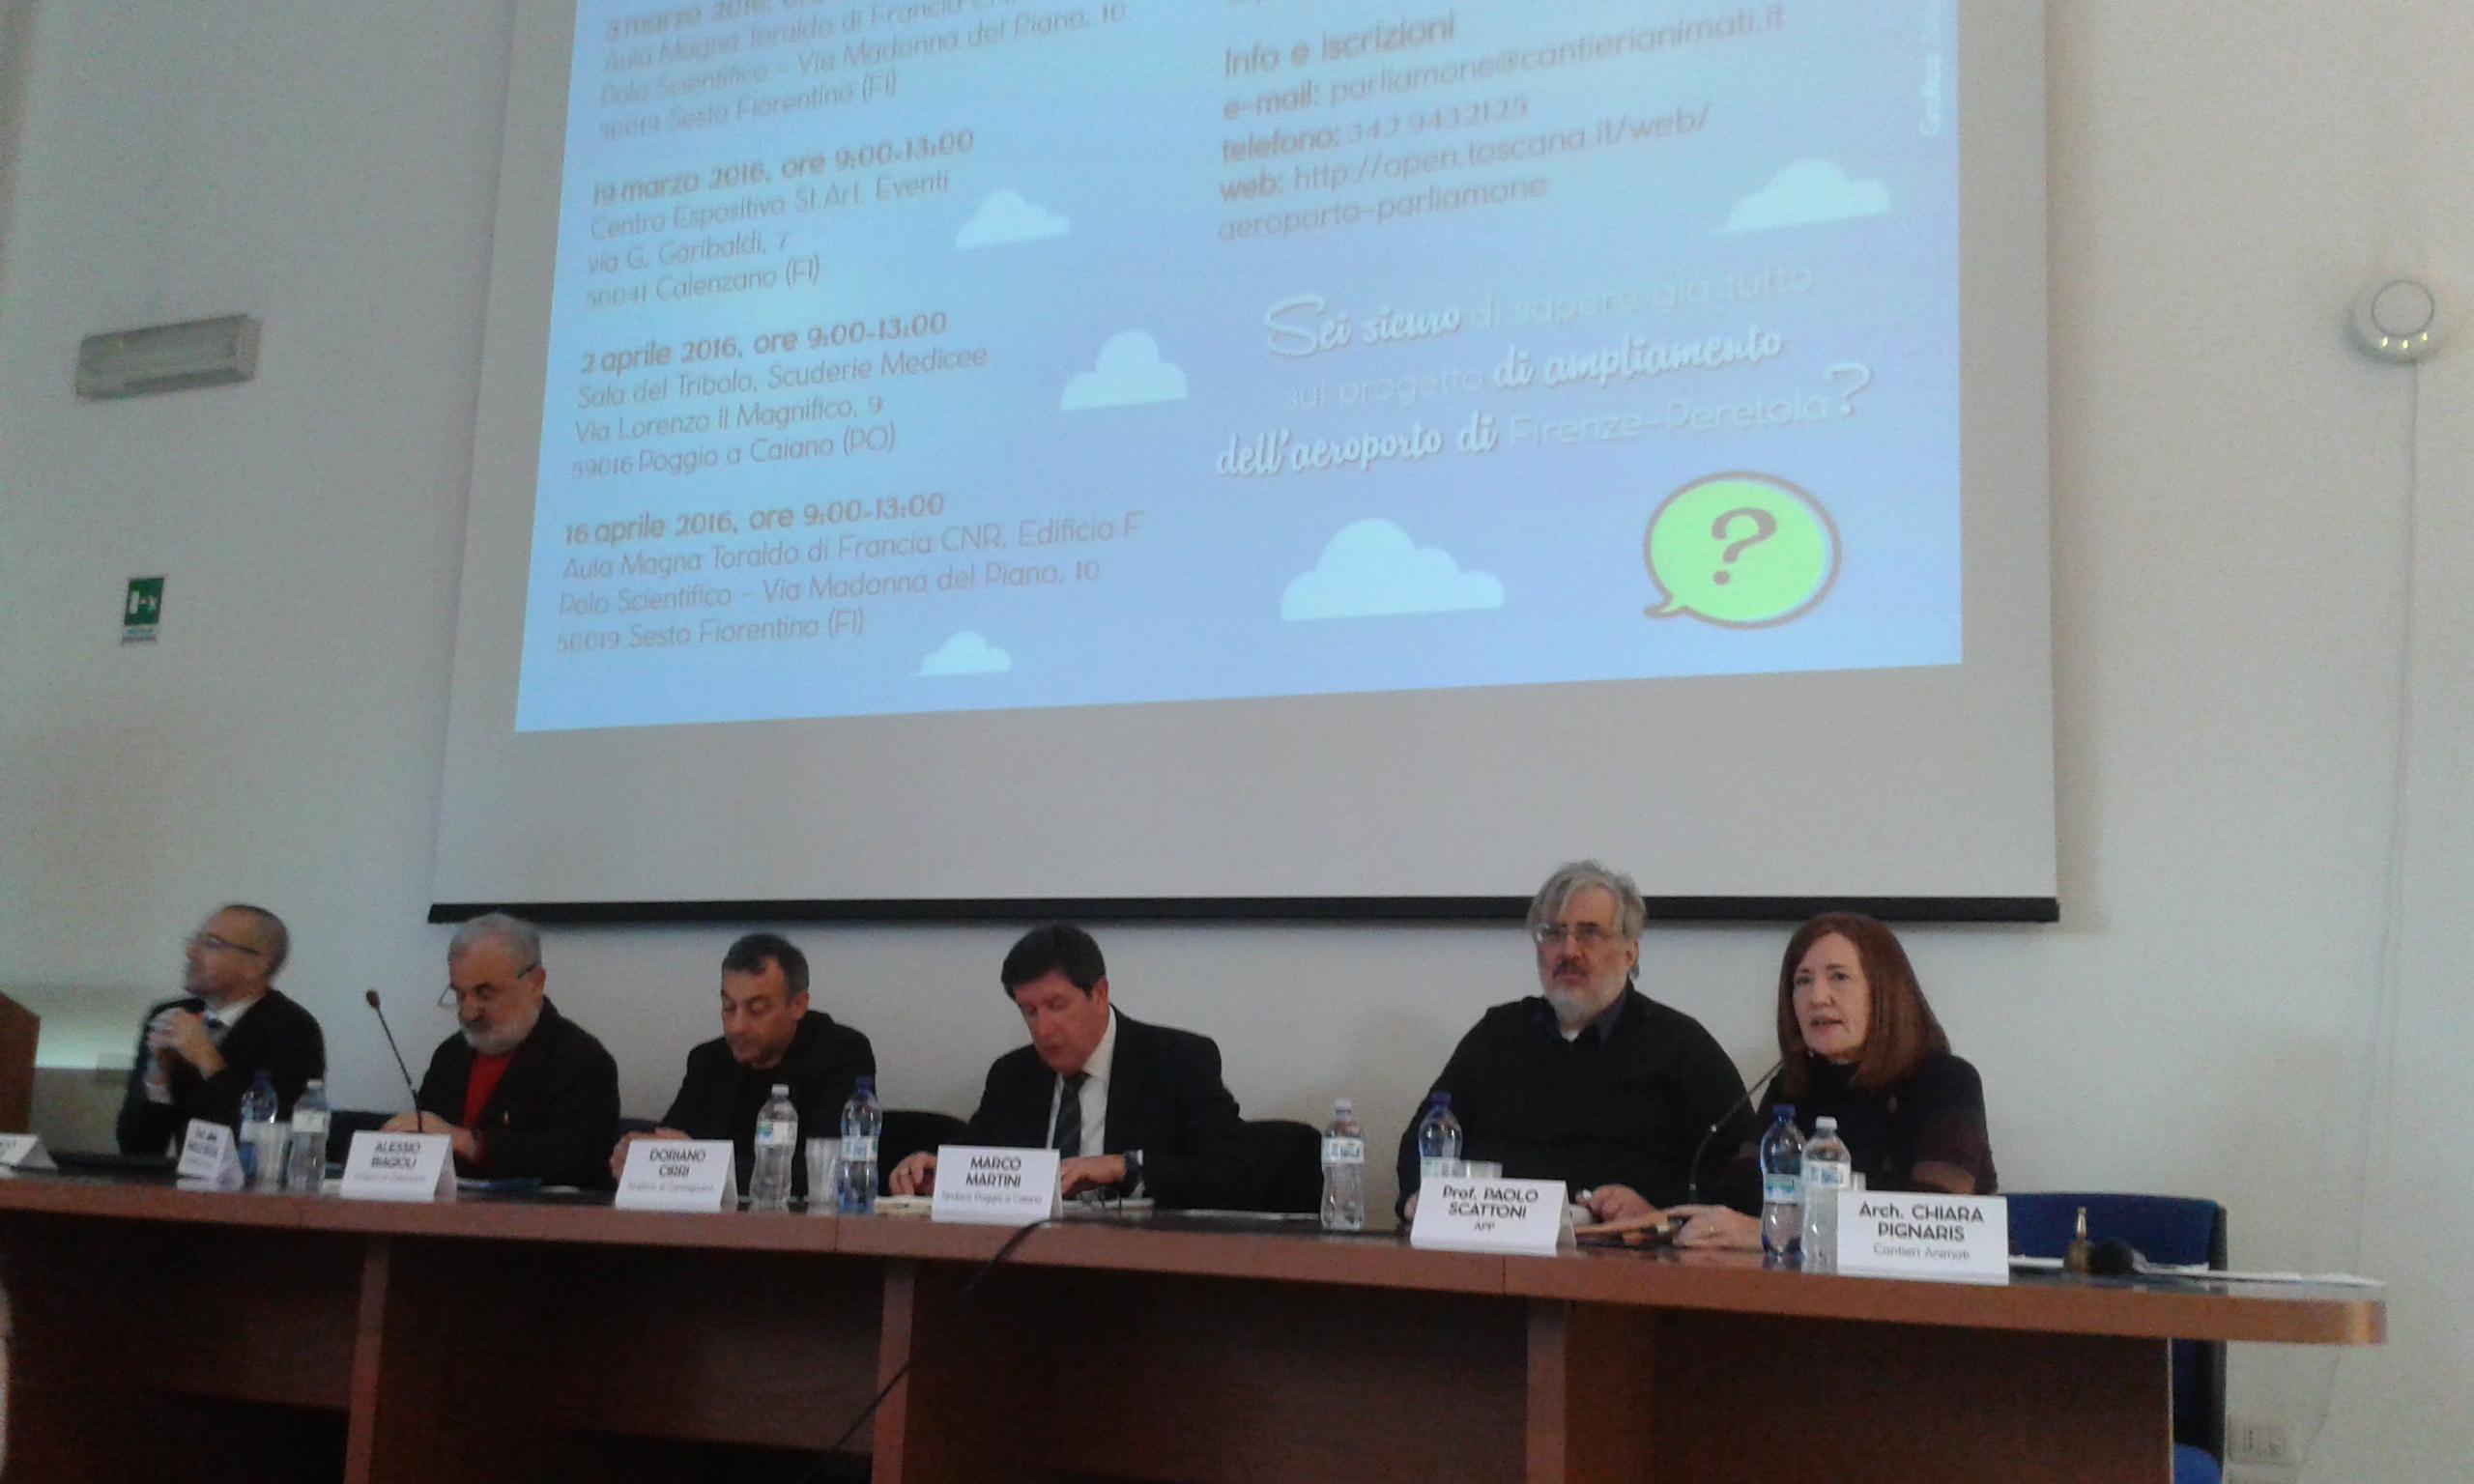 Aeroporto parliamone, i relatori introducono il primo incontro